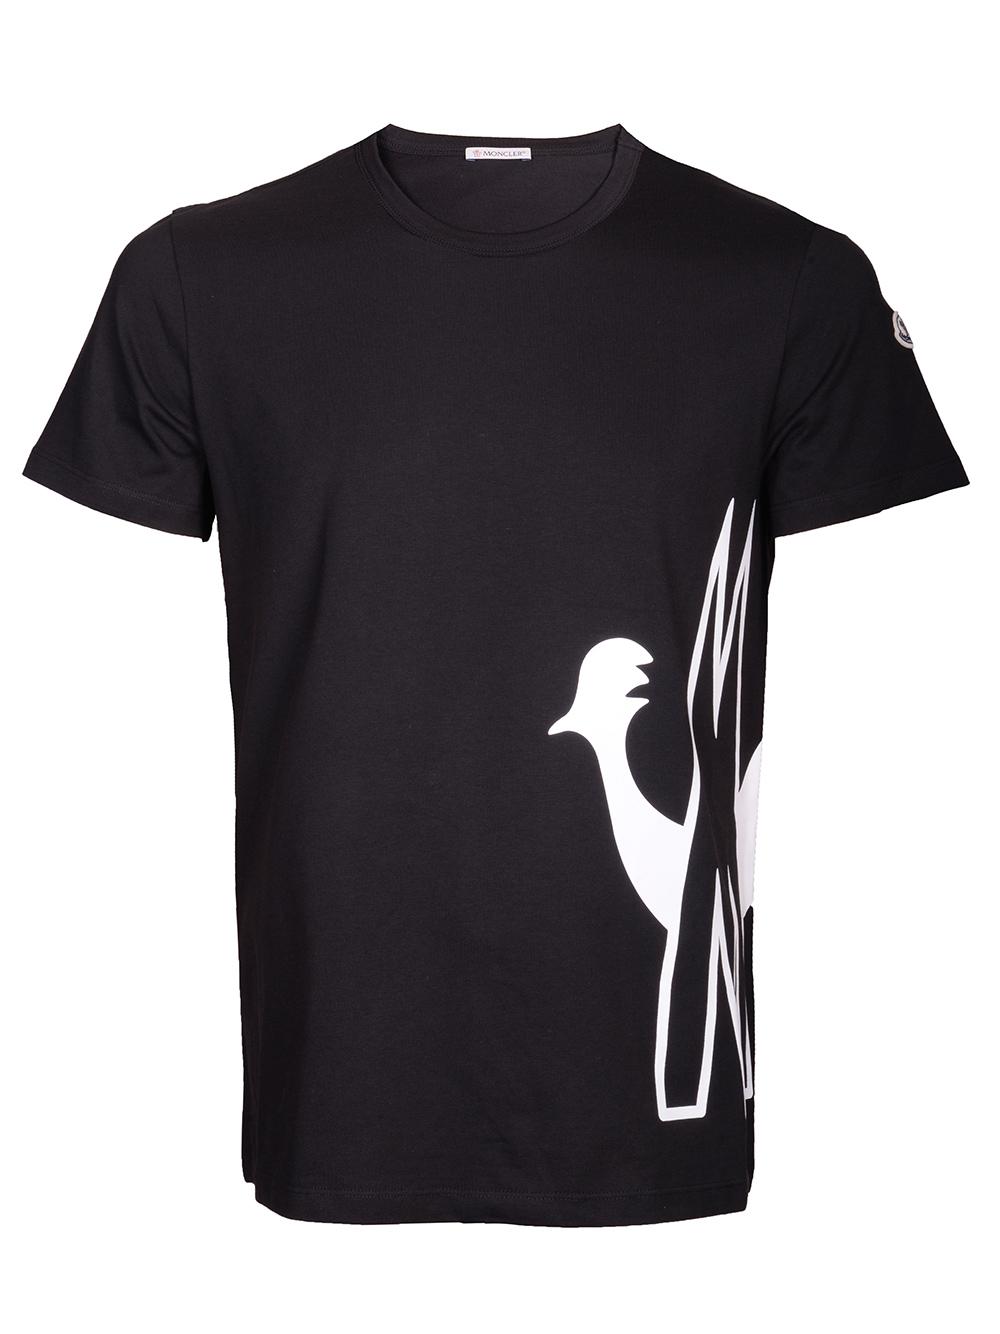 MONCLER Μπλούζα Τ-shirt E2-091-8046150 V8043 ΜΑΥΡΟ